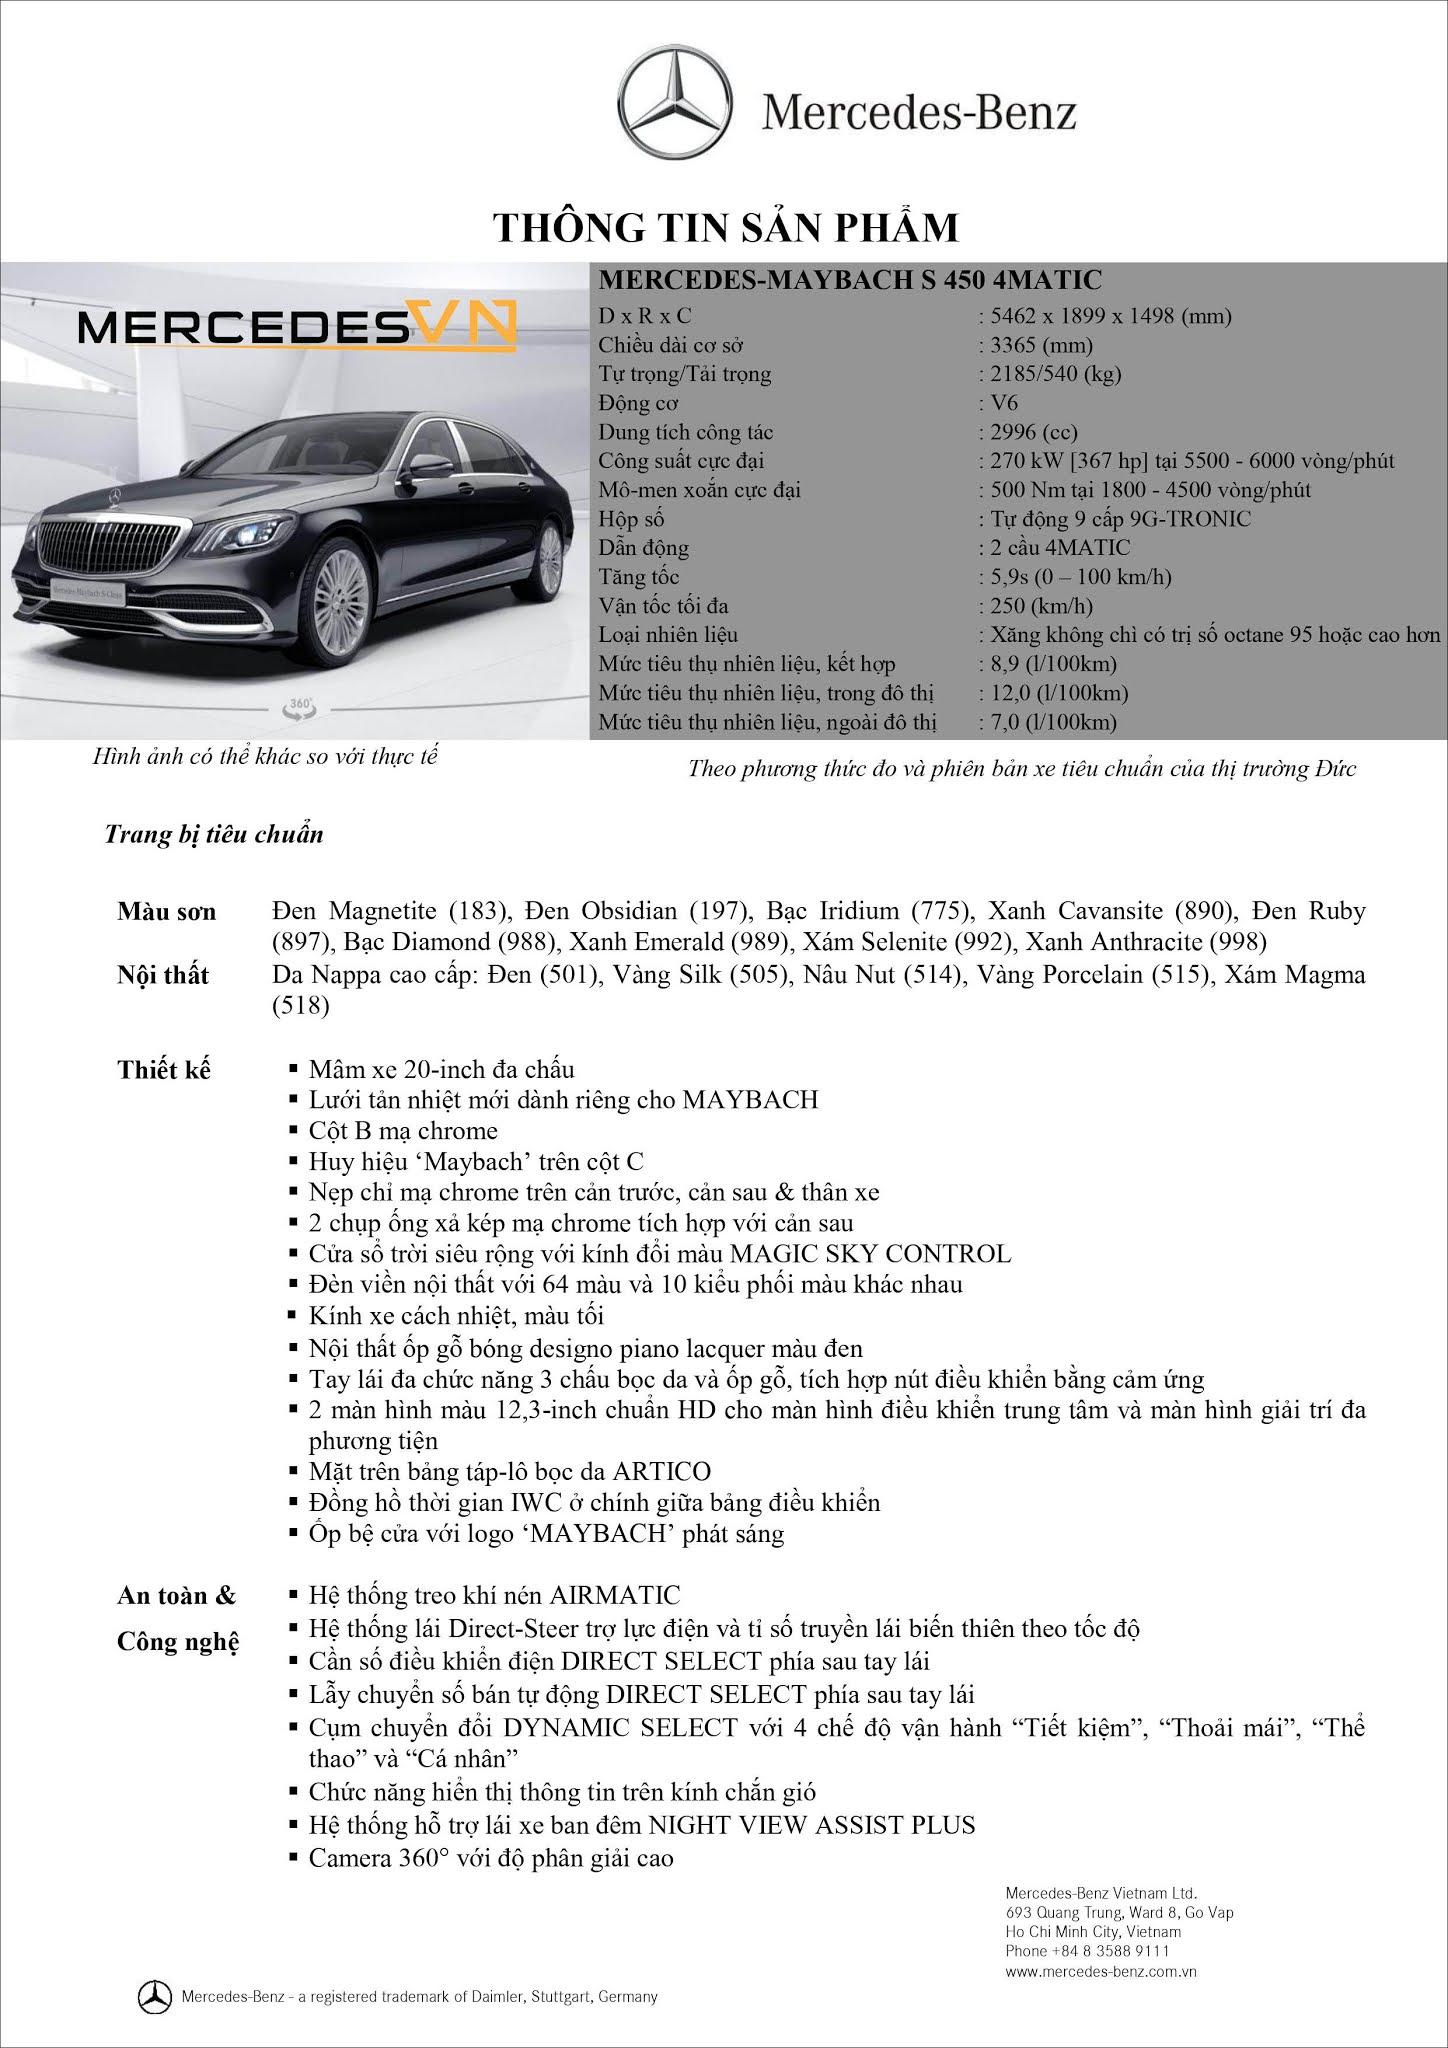 Bảng thông số kỹ thuật Mercedes Maybach S450 4MATIC 2021